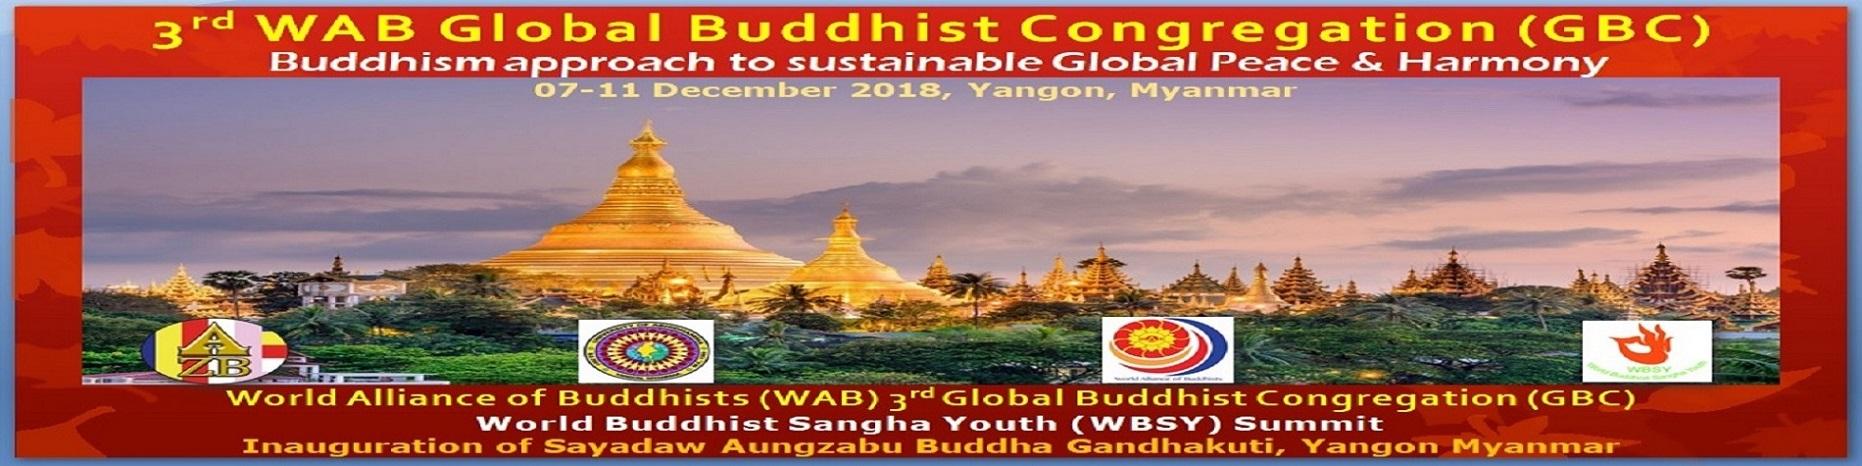 WAB 3rd Global Buddhist Congregation